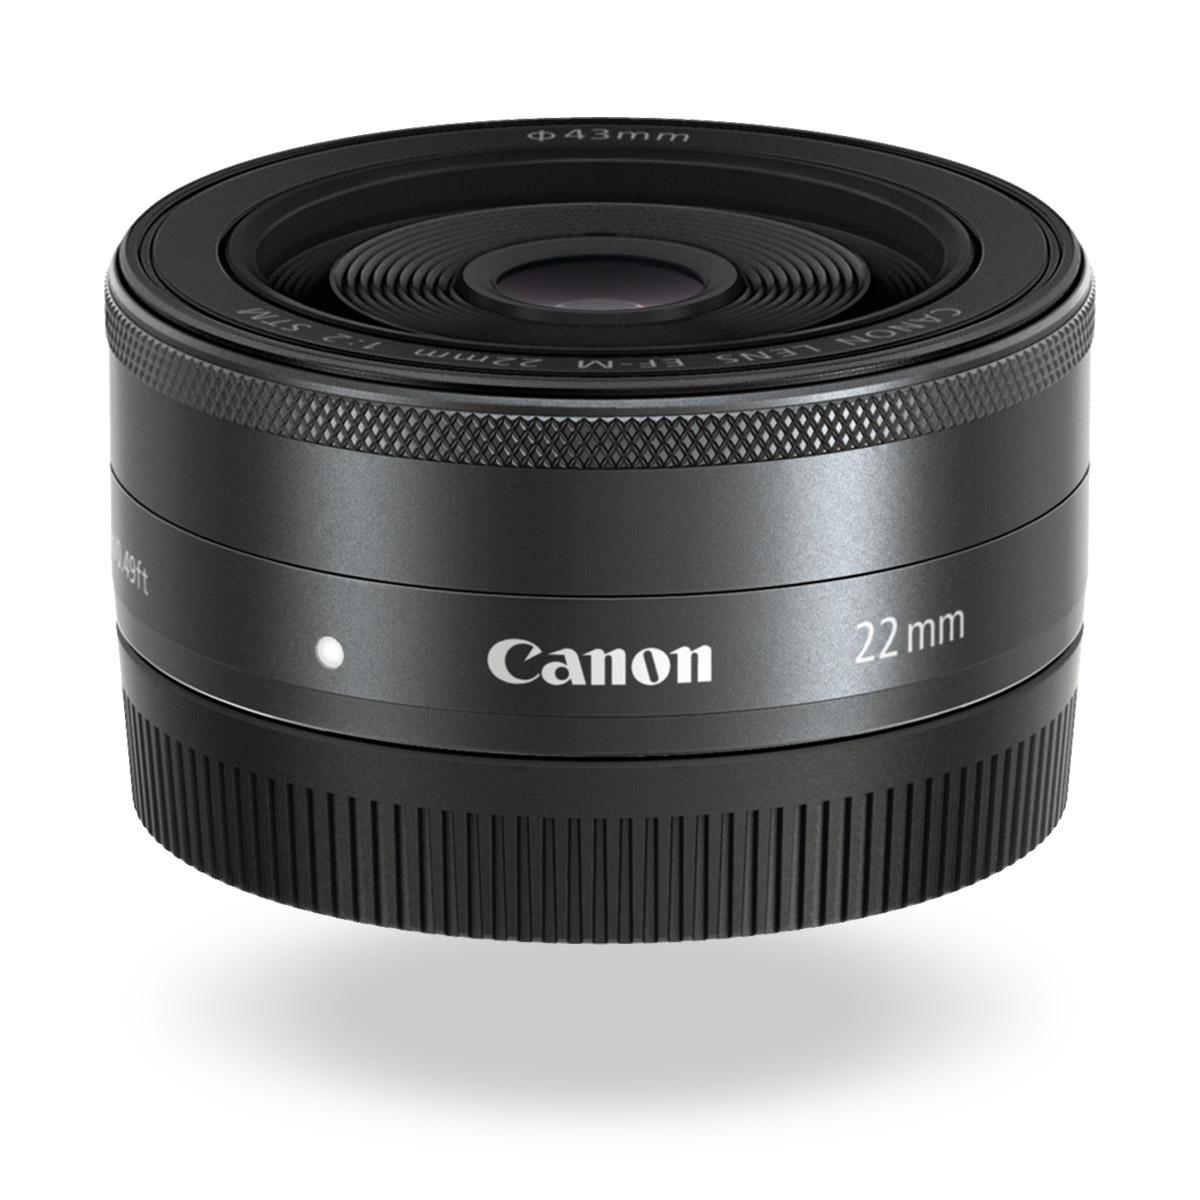 EF-M 22mm f/2 STM lens